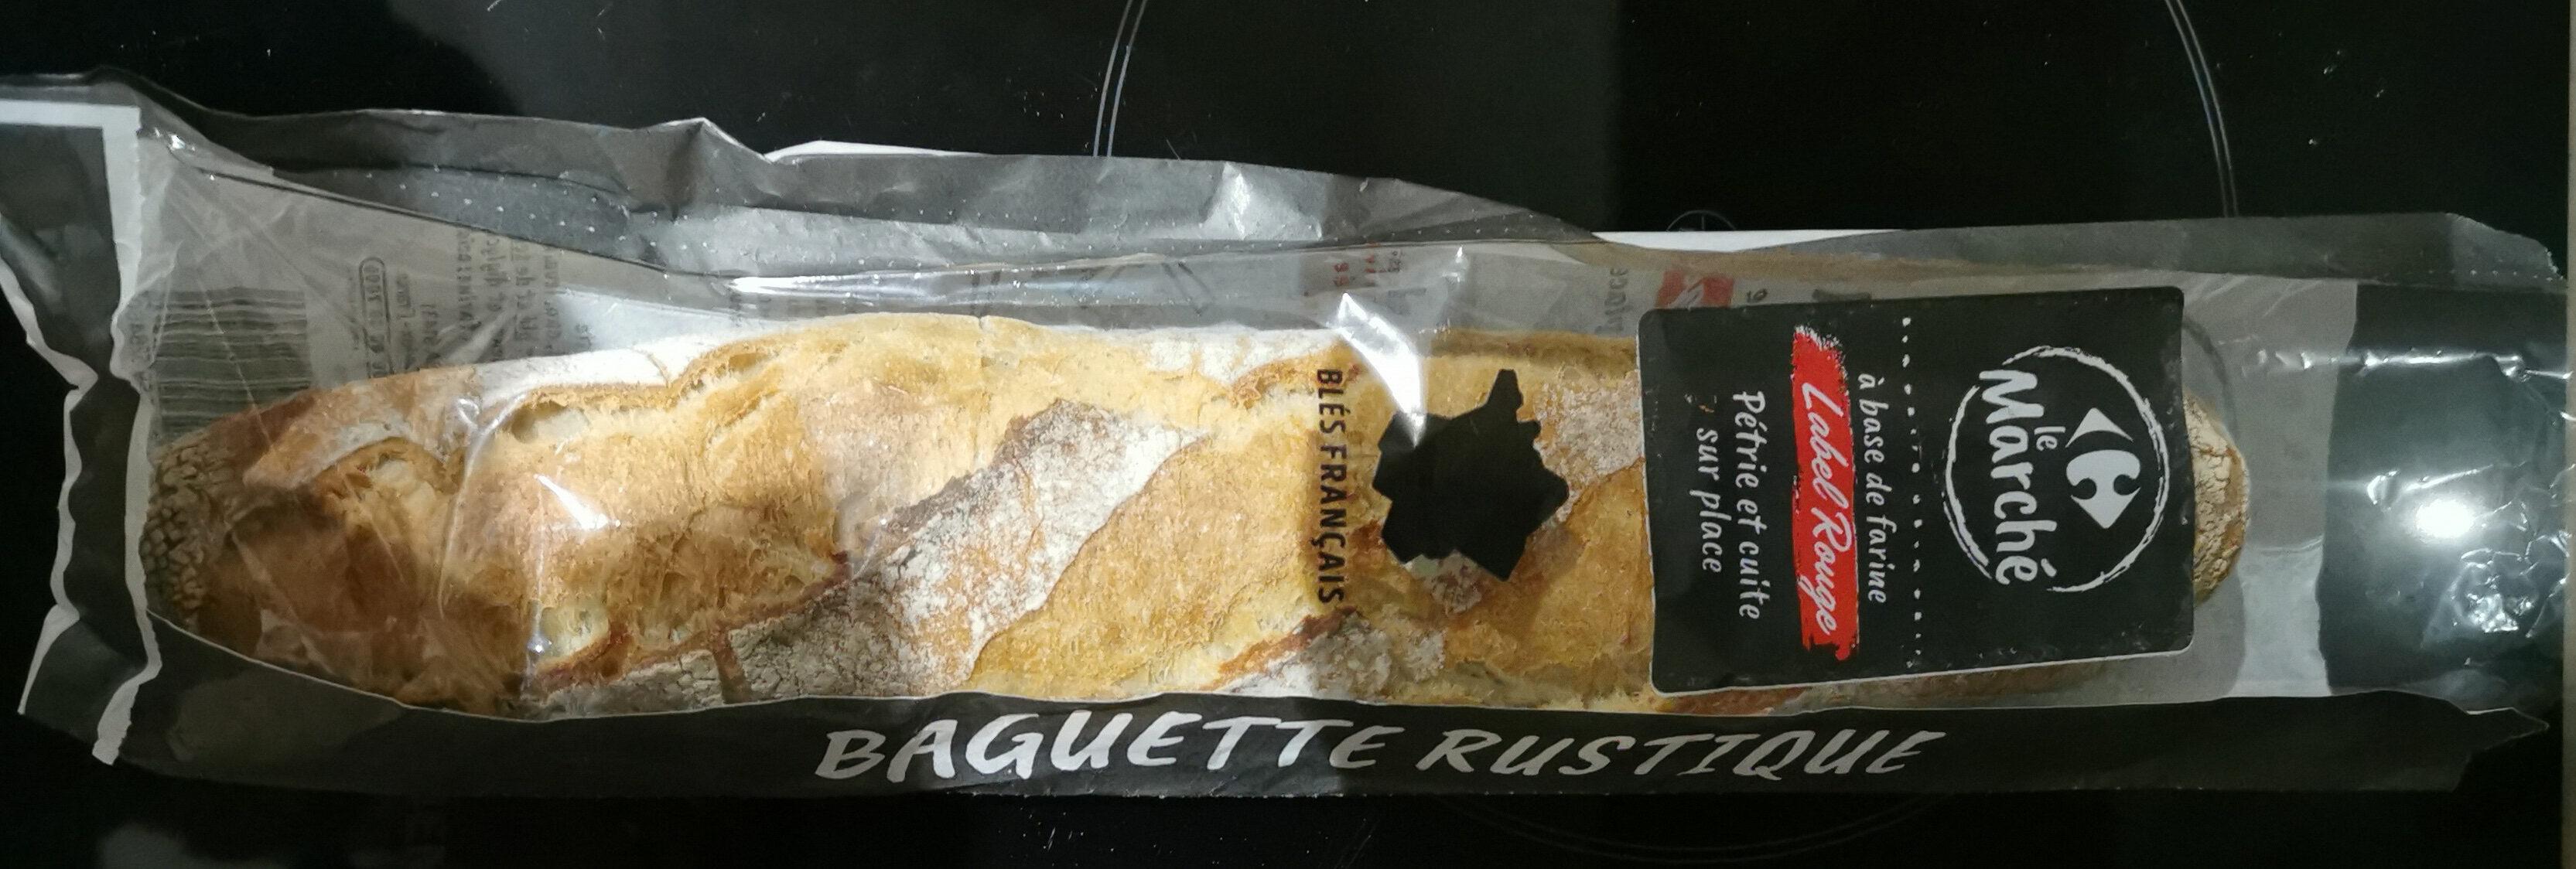 baguette rustique label rouge - Prodotto - fr